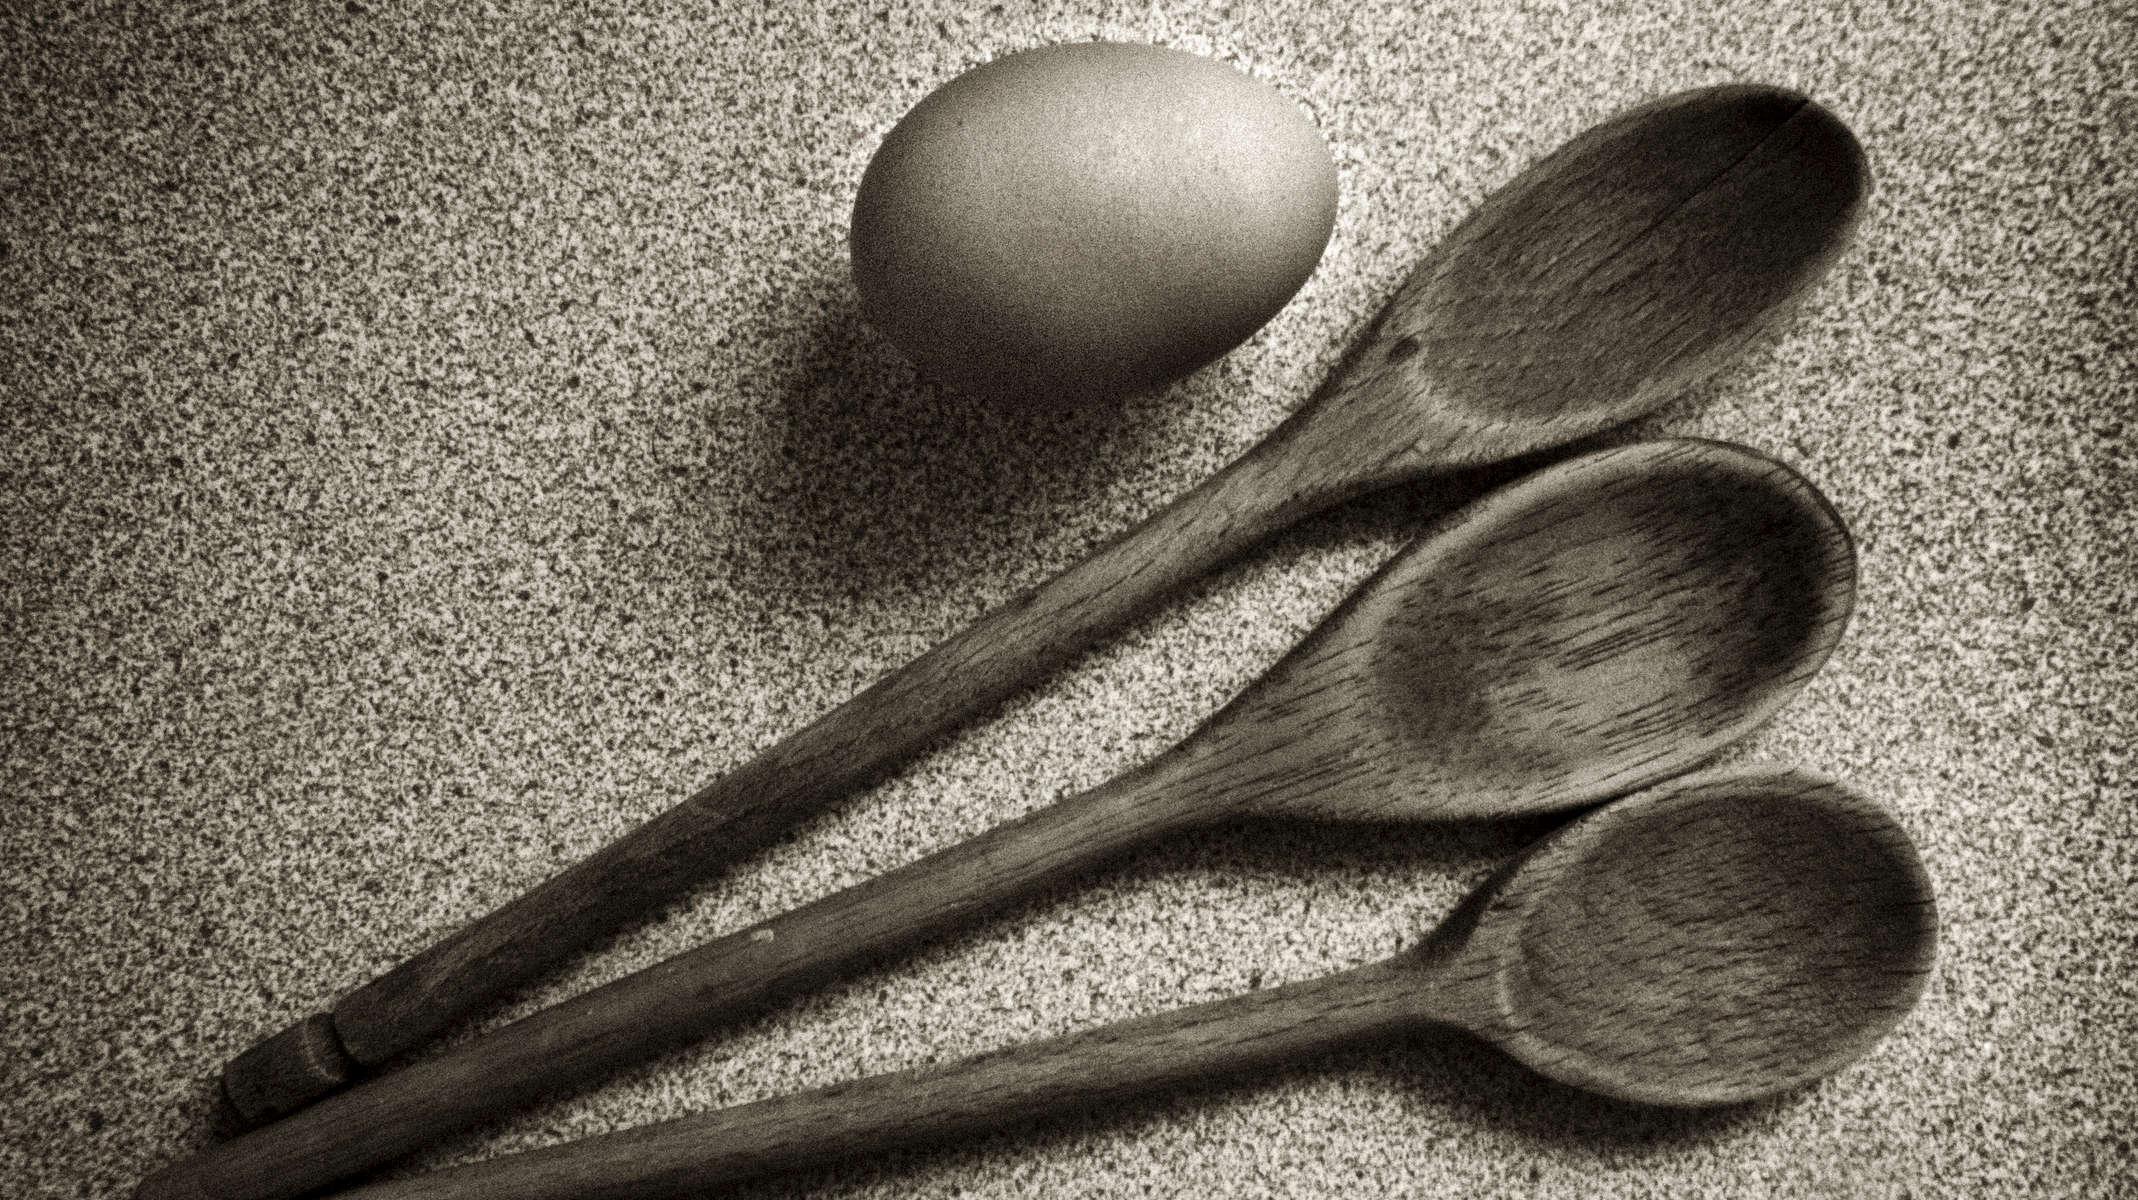 garden_spoon22-_22-of-1_